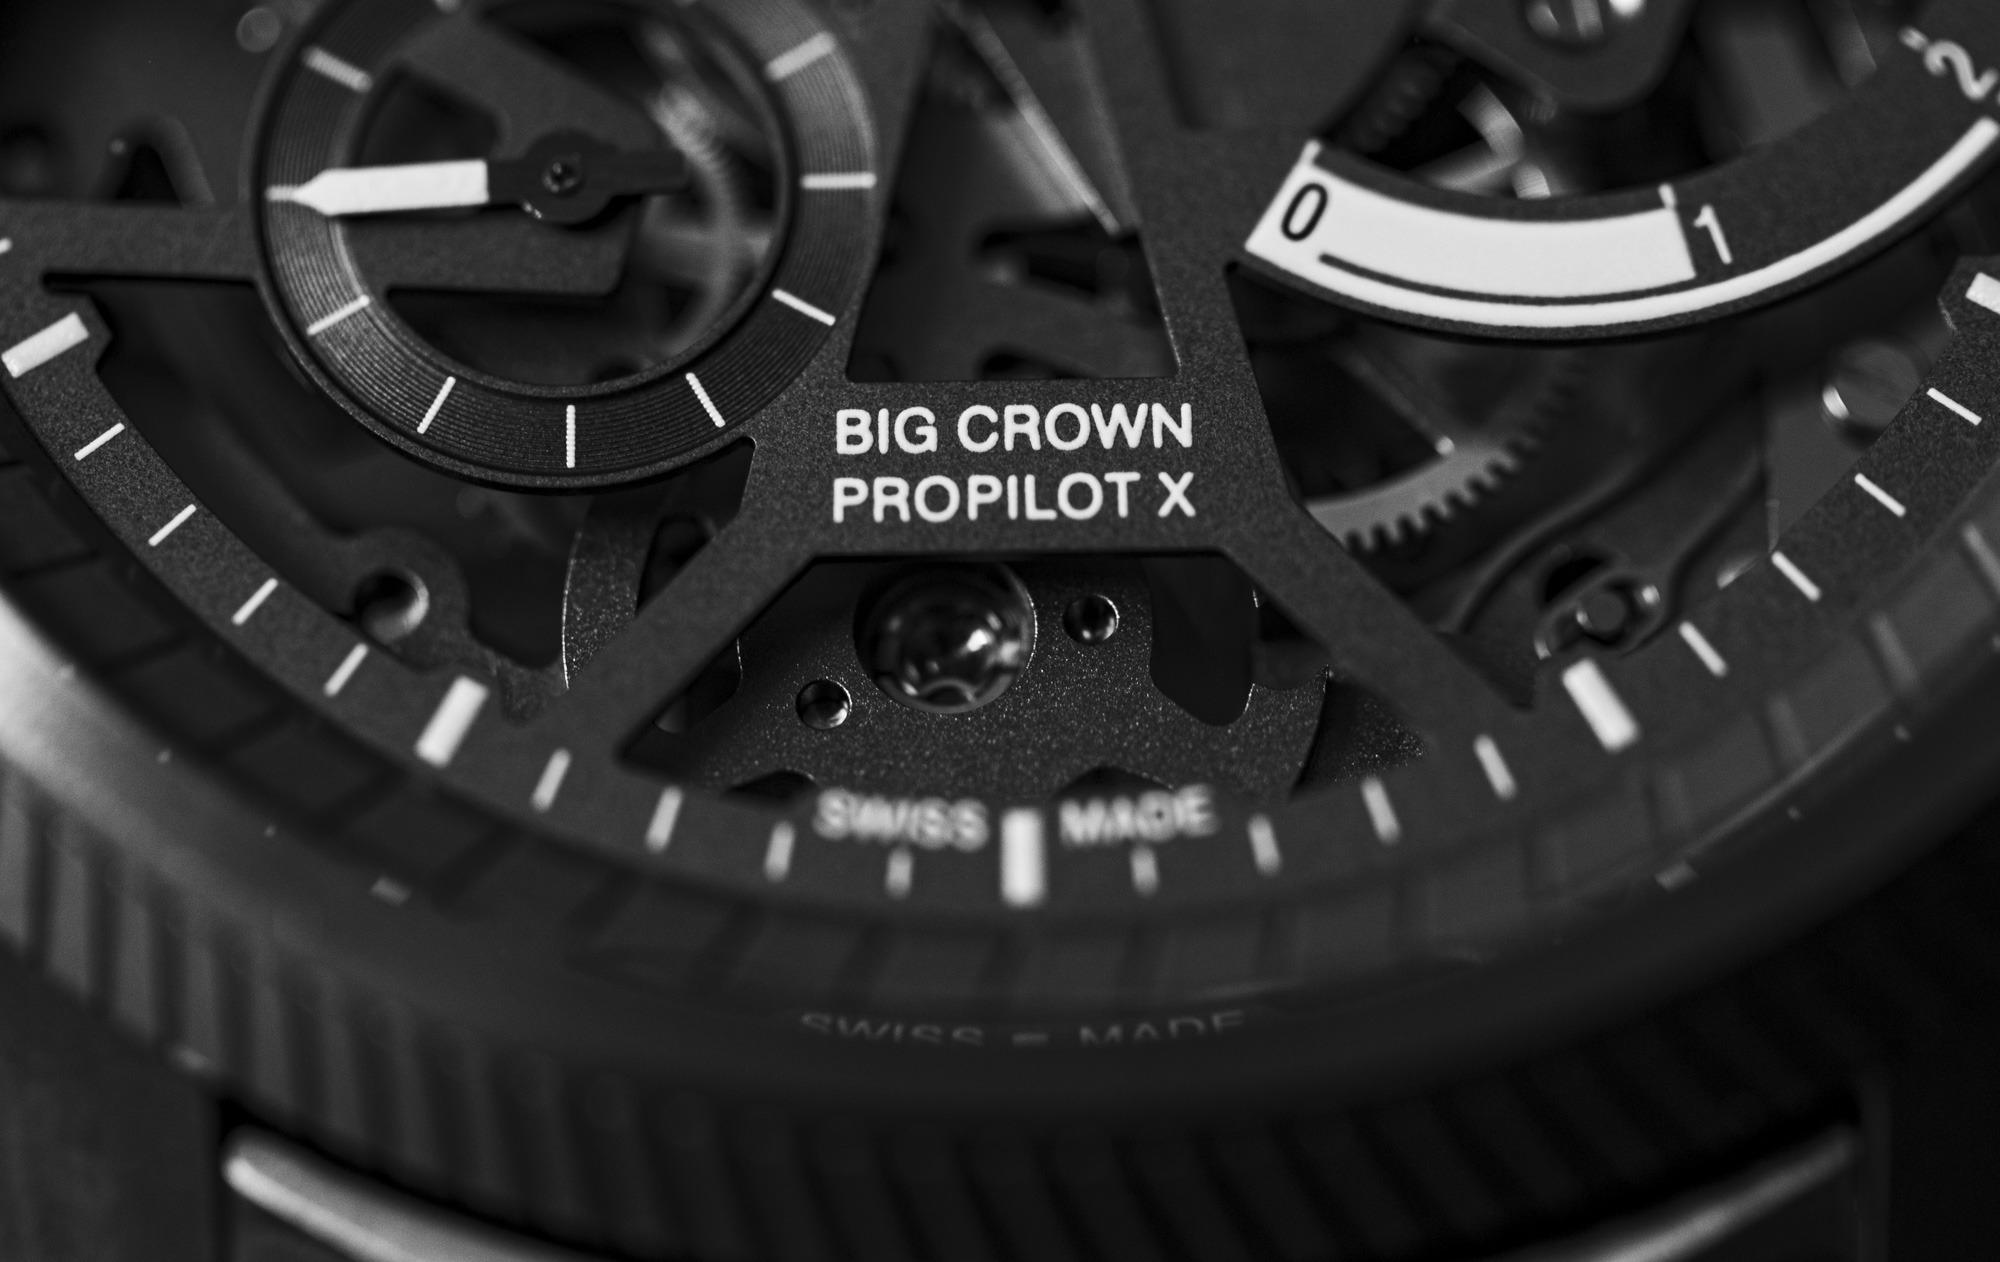 Oris Big Crown Propilot X Calibre 115